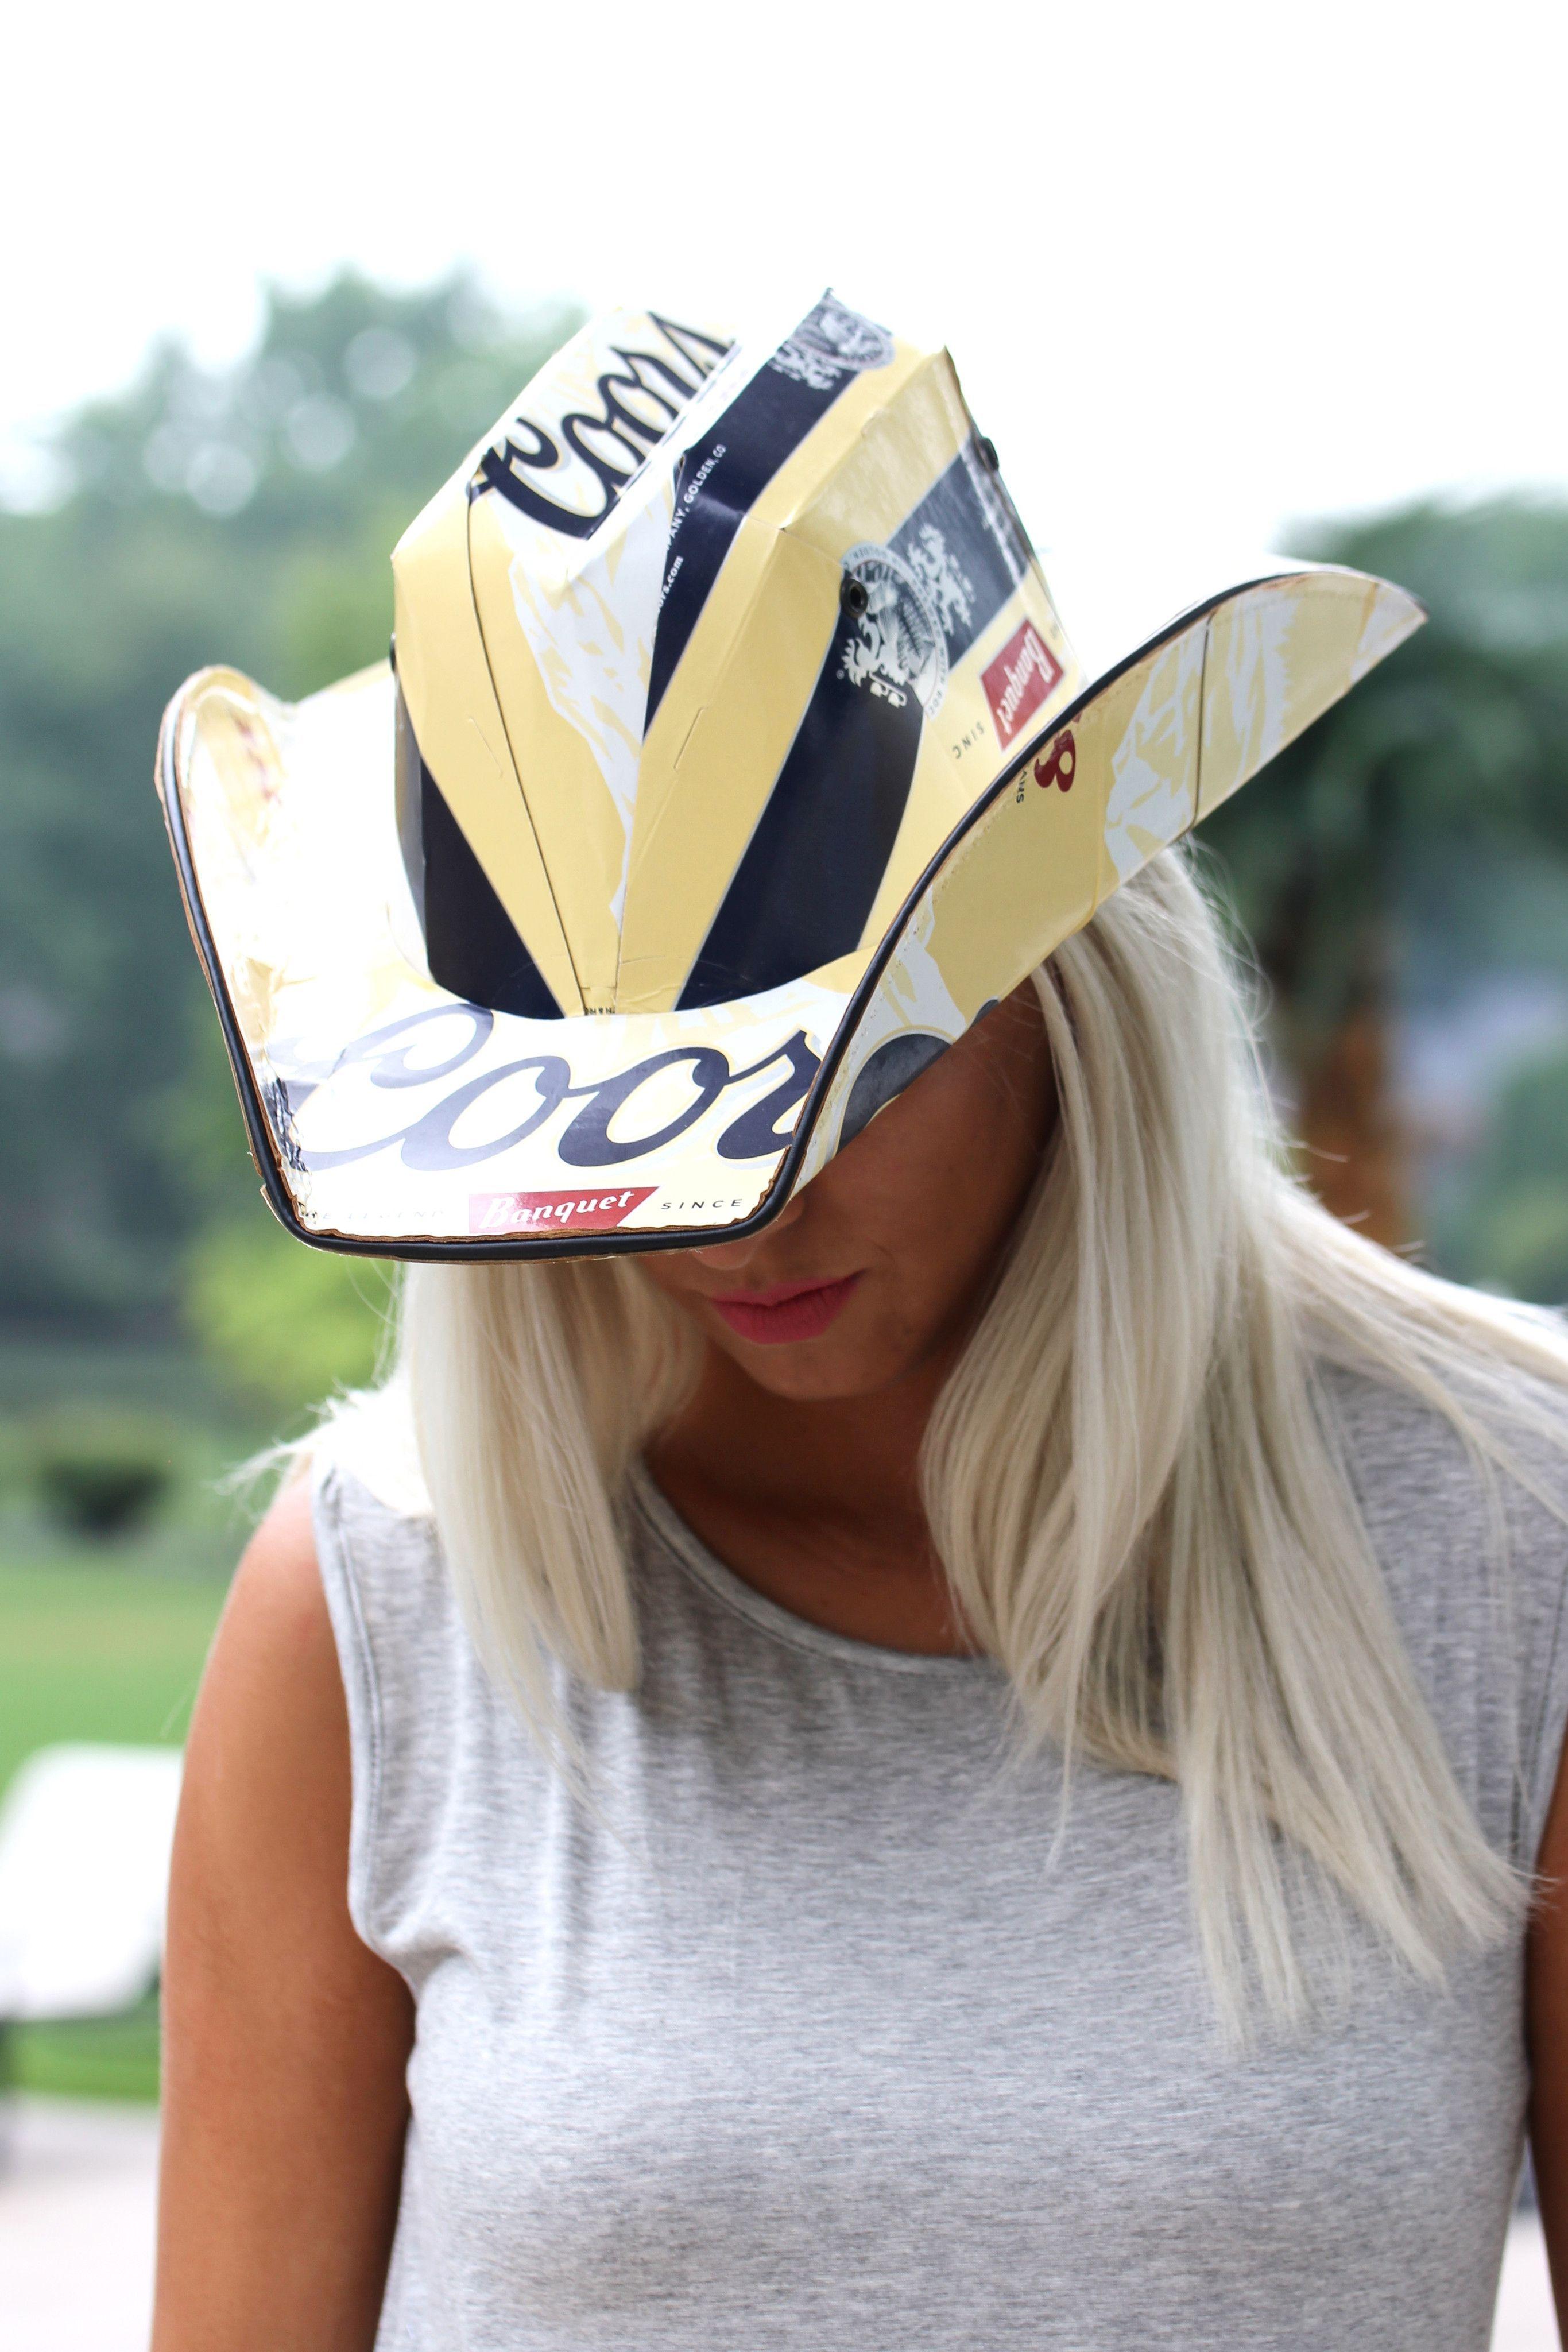 07c6bba31a561 Coors Light Cowboy Hat